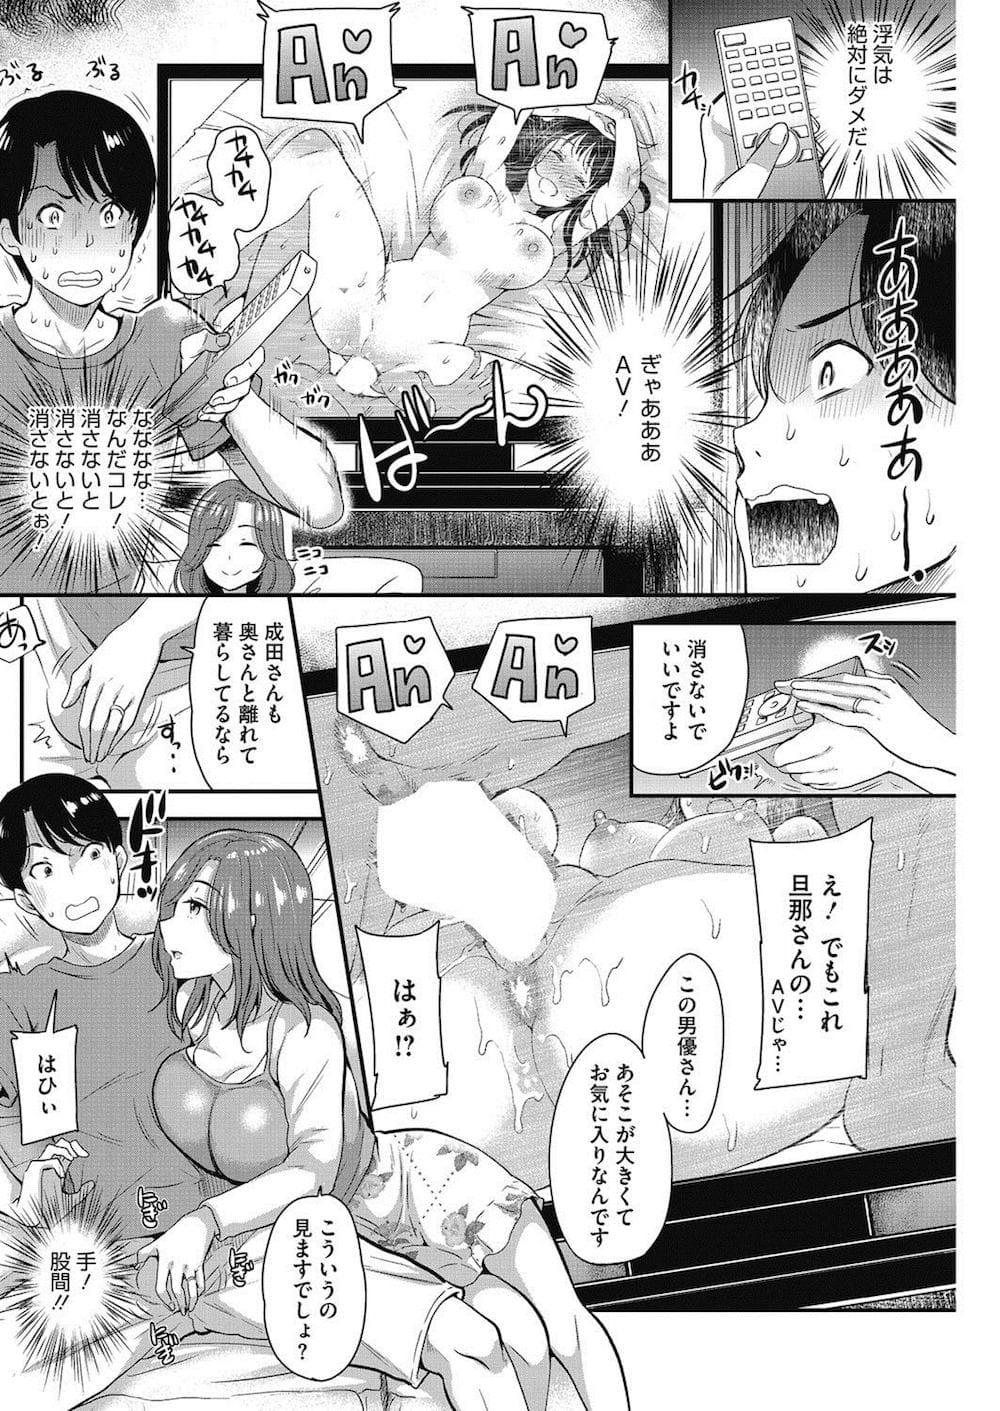 【エロ漫画】単身赴任で越してきたマンション!隣の奥さんが爆乳でエロかった!餌付けされてゴムSEXは浮気にならないとハメる!旦那との中出しSEXを聞き嫉妬!【シュガーミルク】